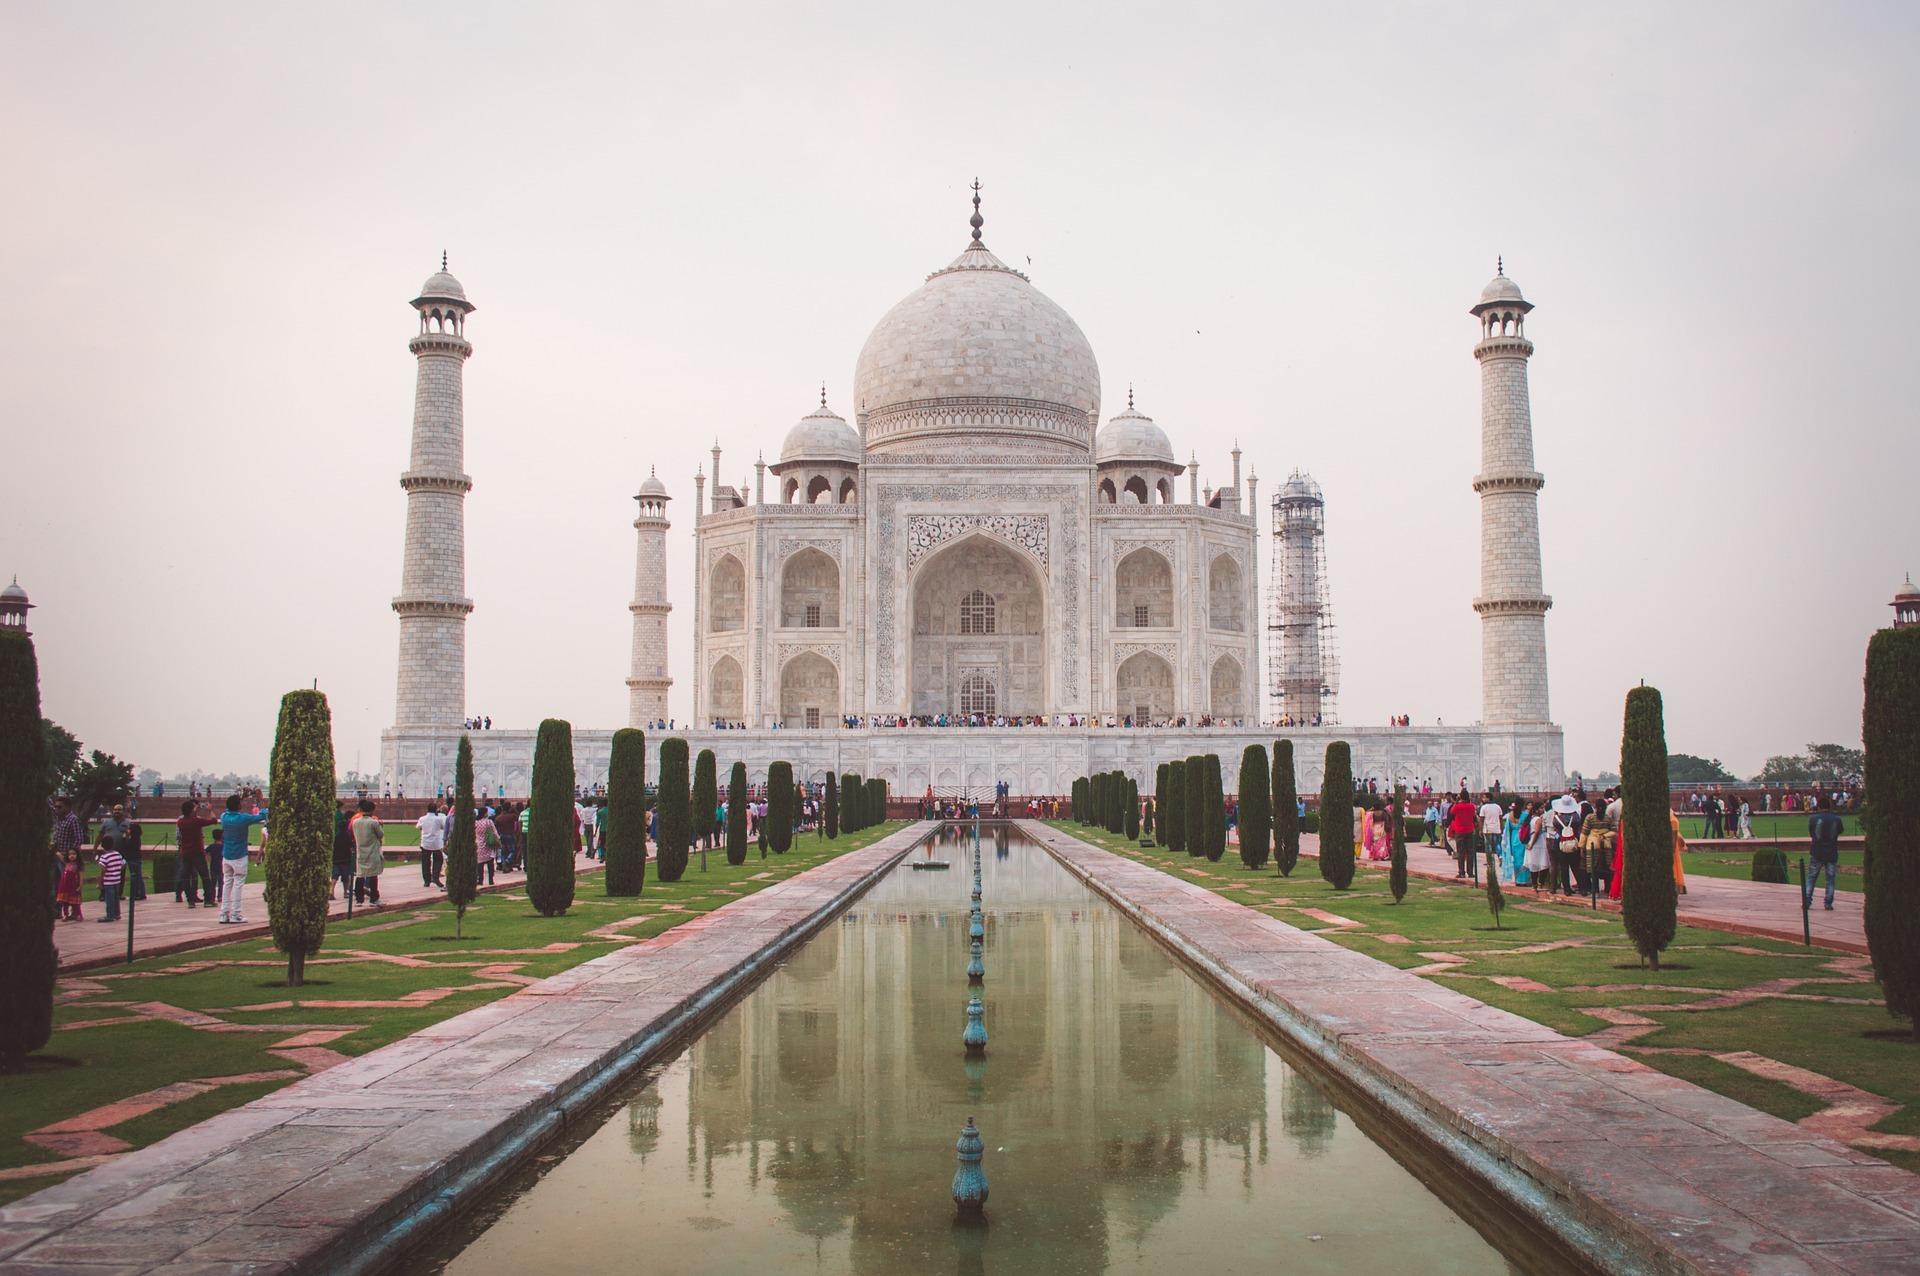 本週亞馬遜印度站開通申請,全球第二大站點來了!